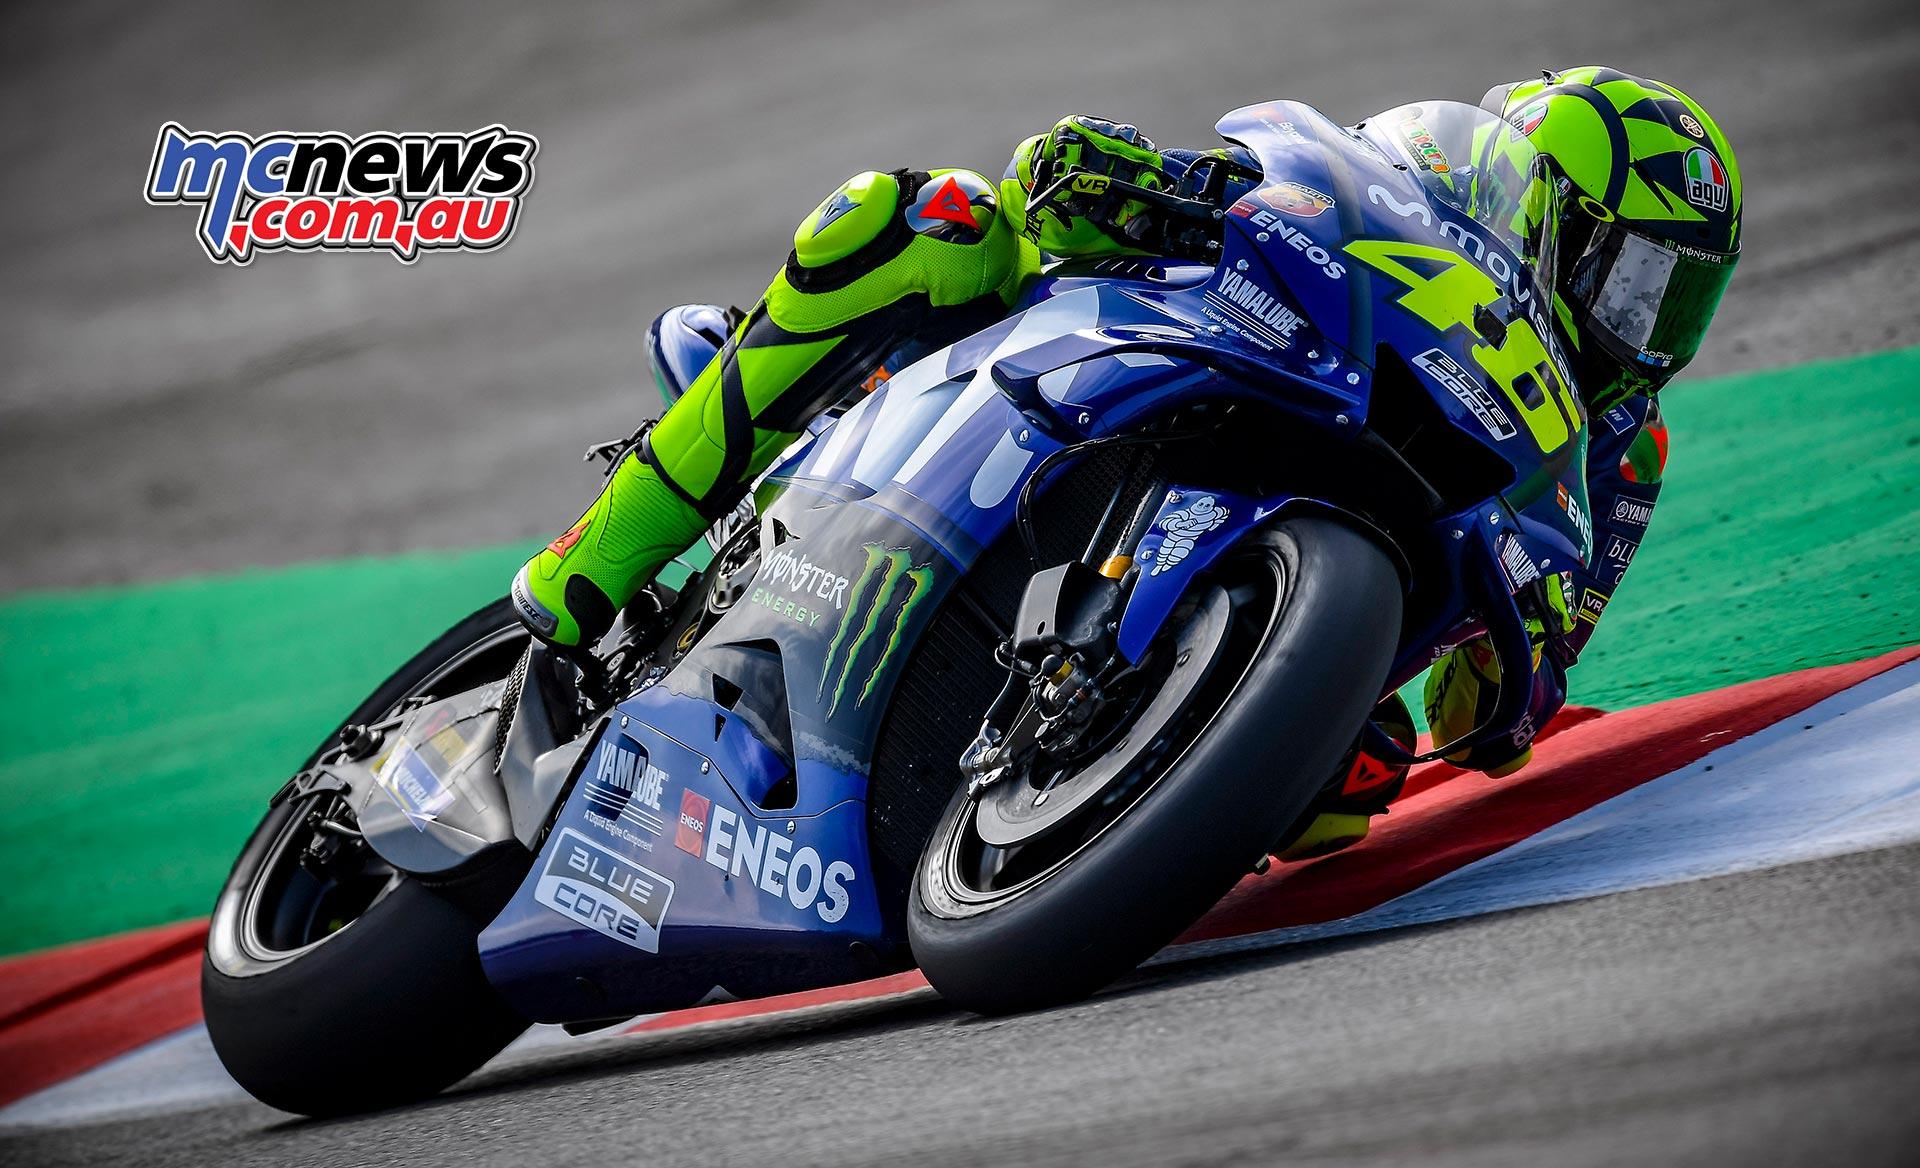 Monster Energy to sponsor Factory Yamaha MotoGP Team | MCNews.com.au